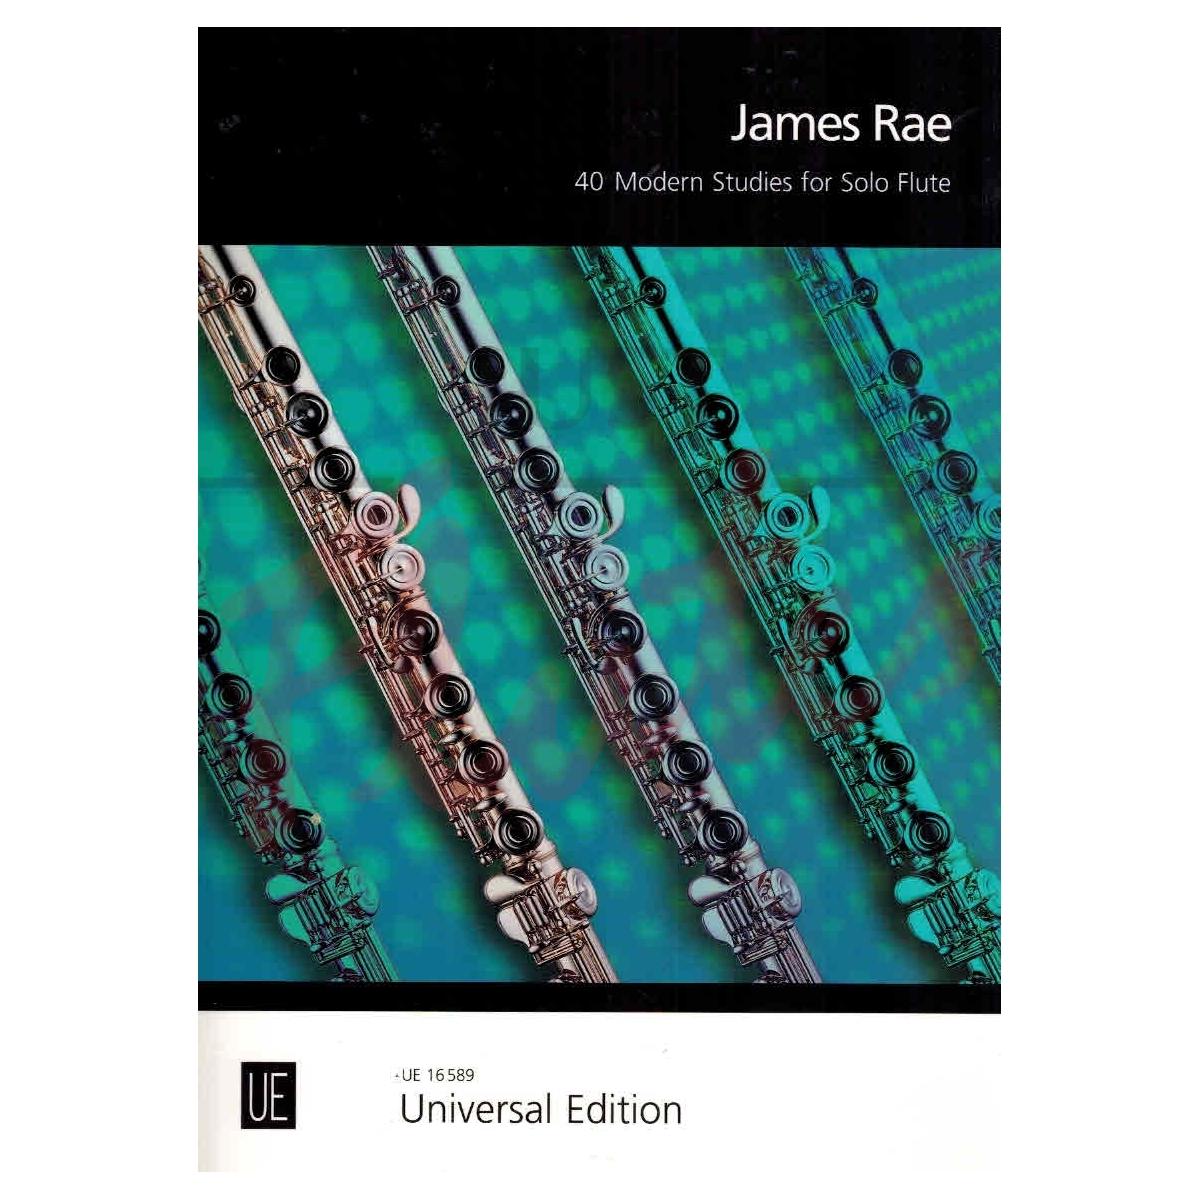 j-rae_40-modern-studies-for-solo-flute